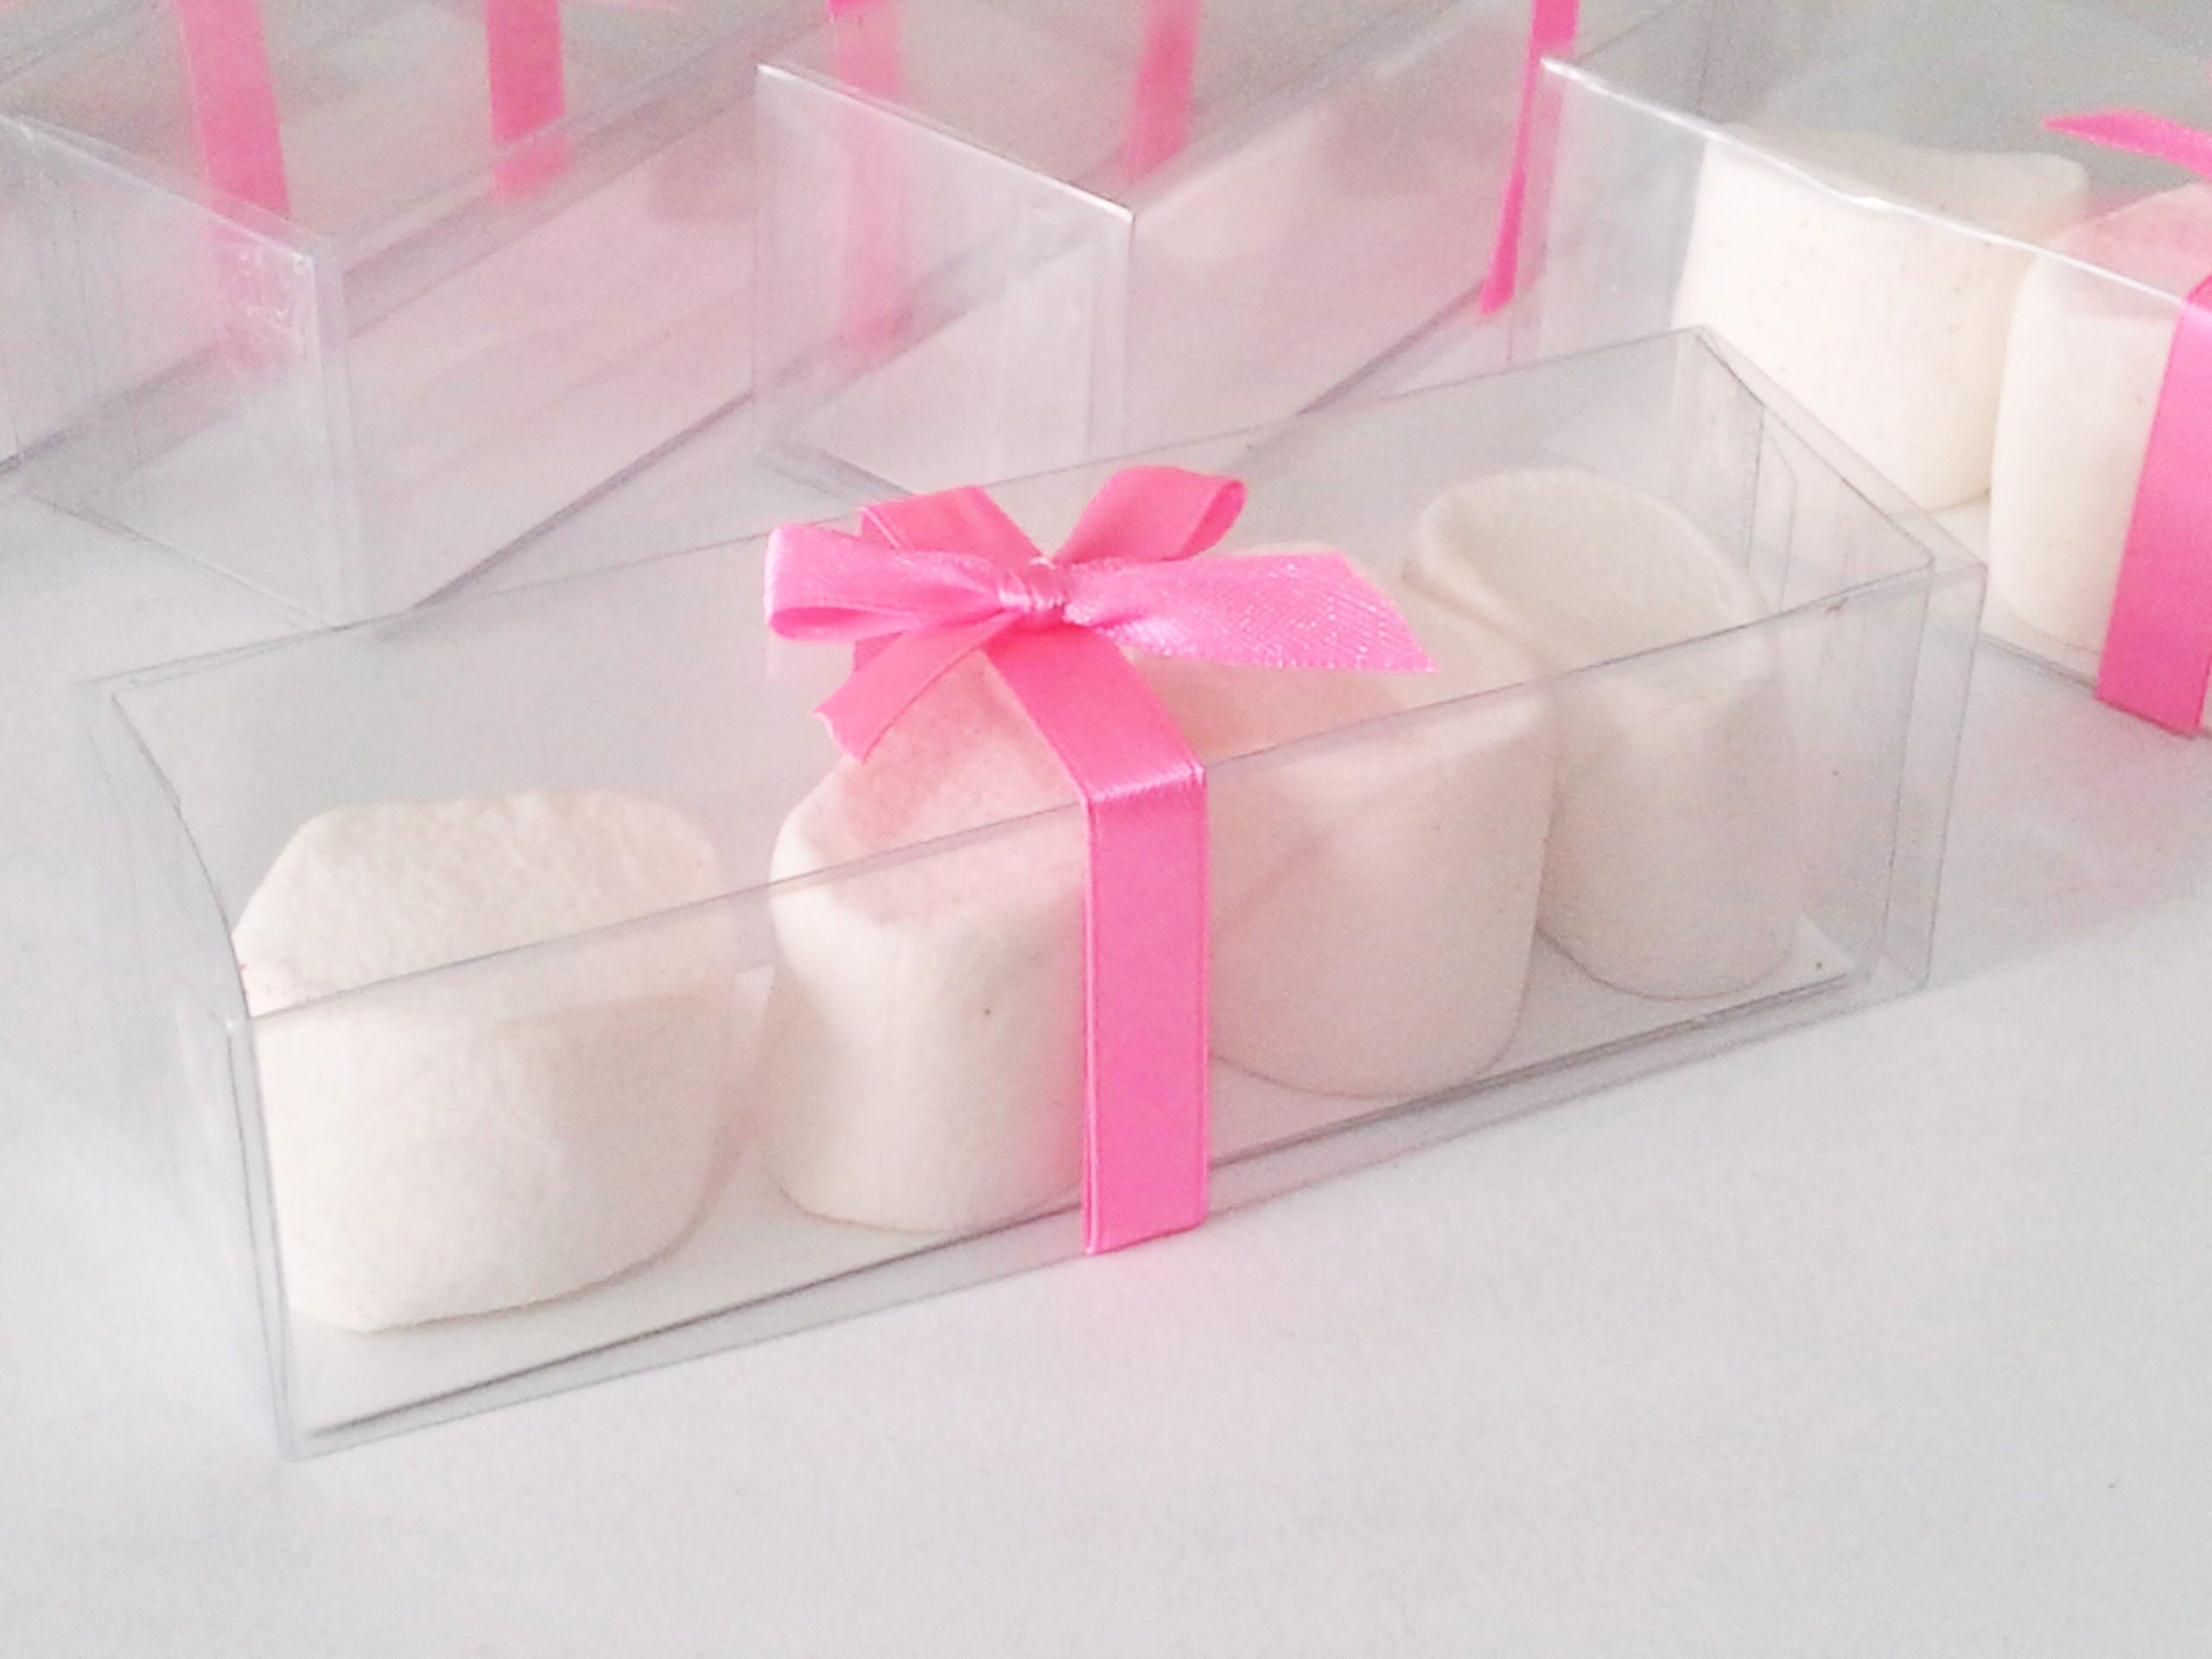 b5e66e928 bolsitas para dulces transparente - Buscar con Google | cajas de acetato  decoradas | Gifts y Gift wrapping